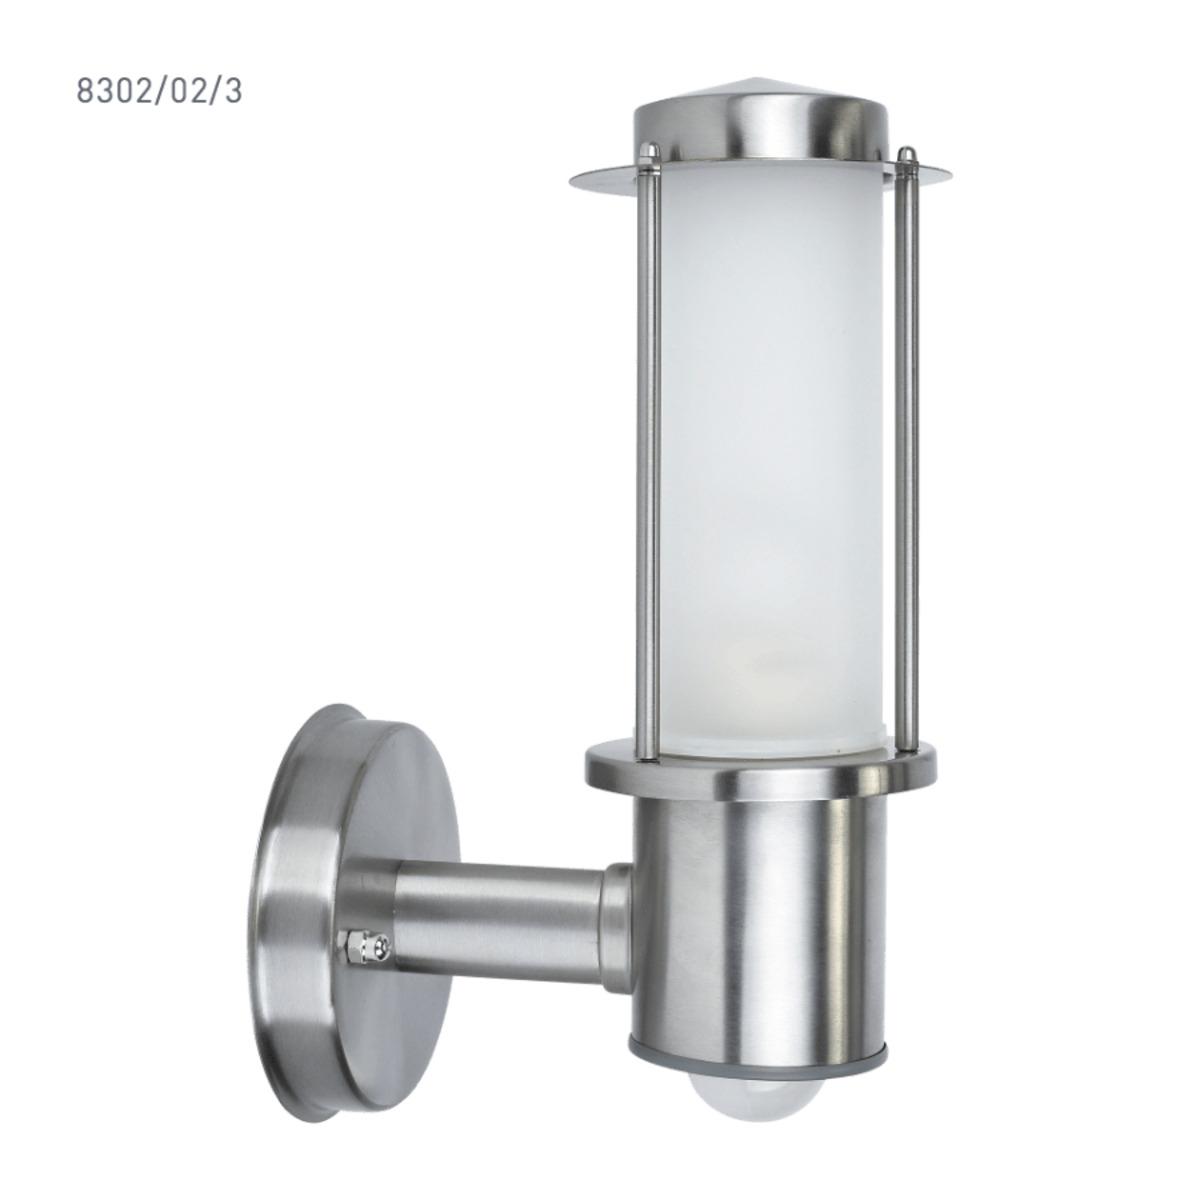 Bild 2 von LIGHTZONE     Wand-Außenleuchte / LED-Außenleuchte